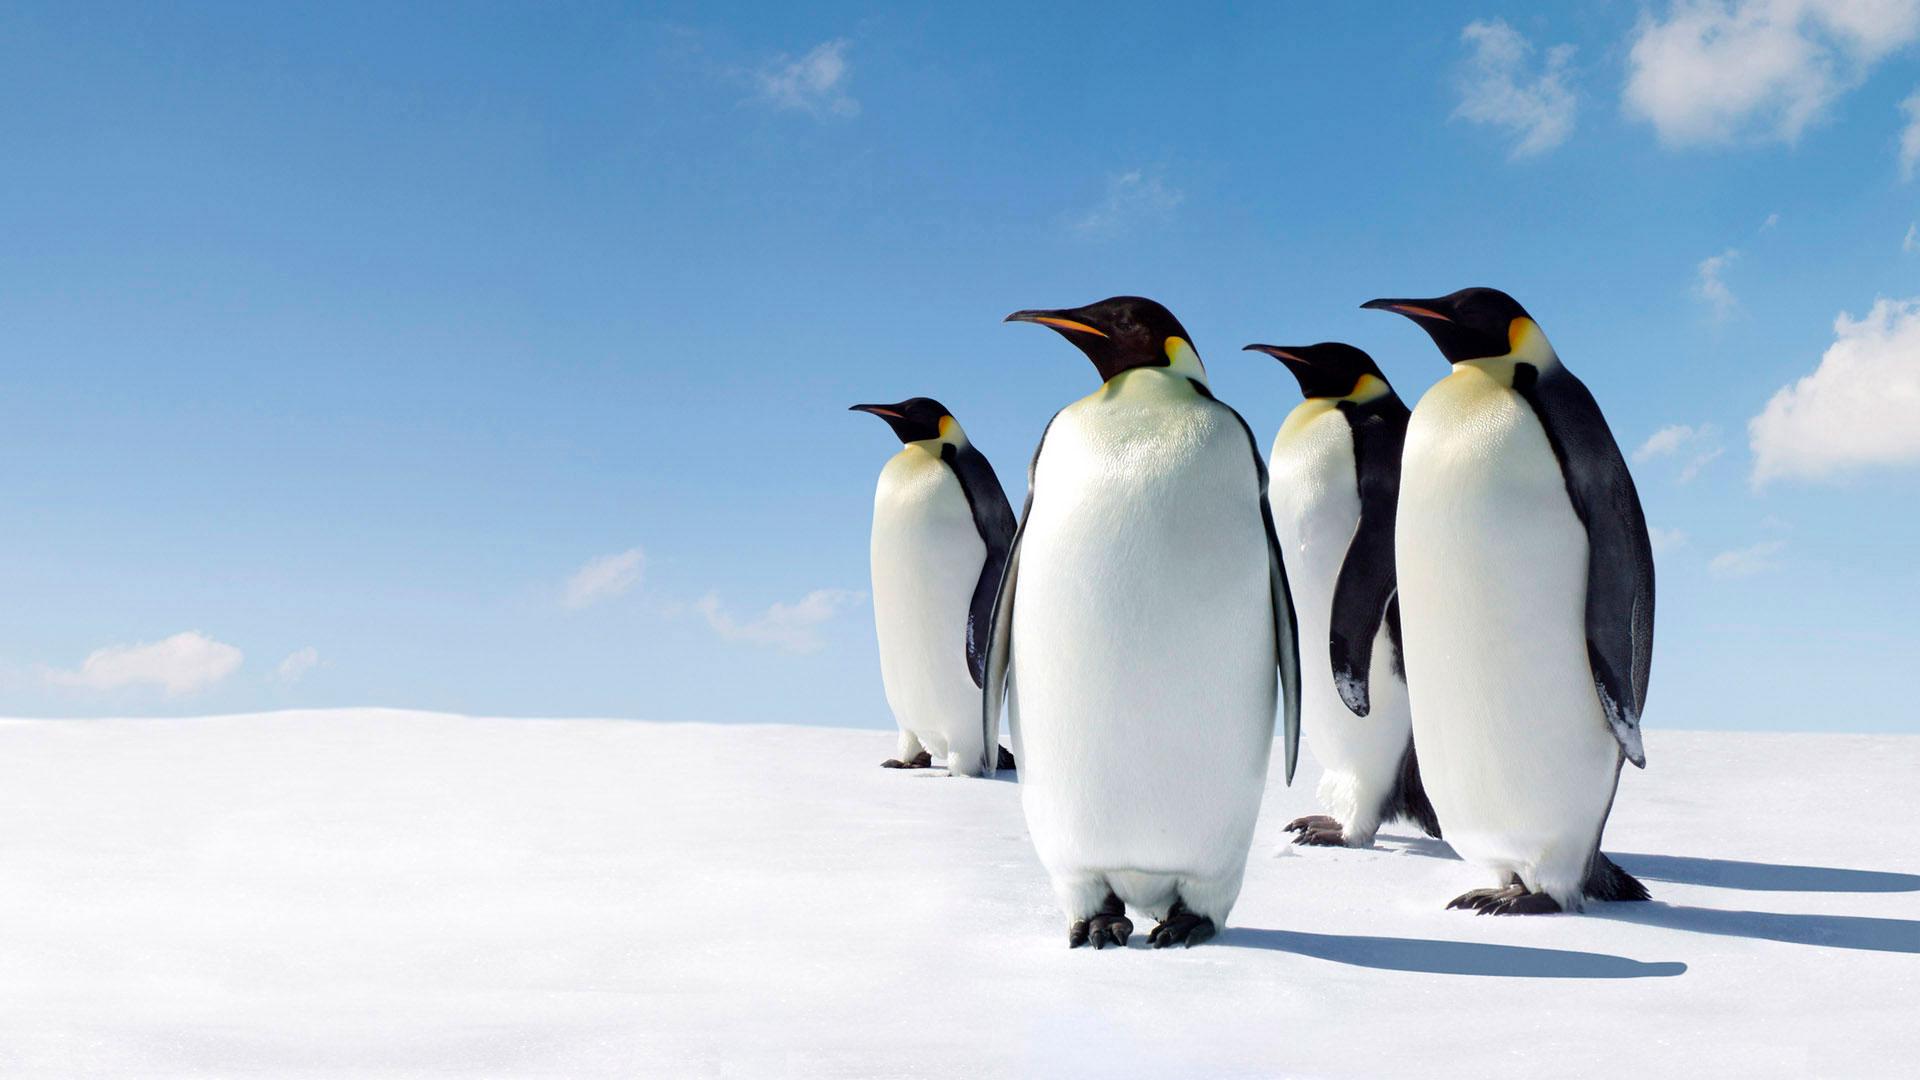 Прикольные и красивые картинки пингвинов - подборка 25 фото 23